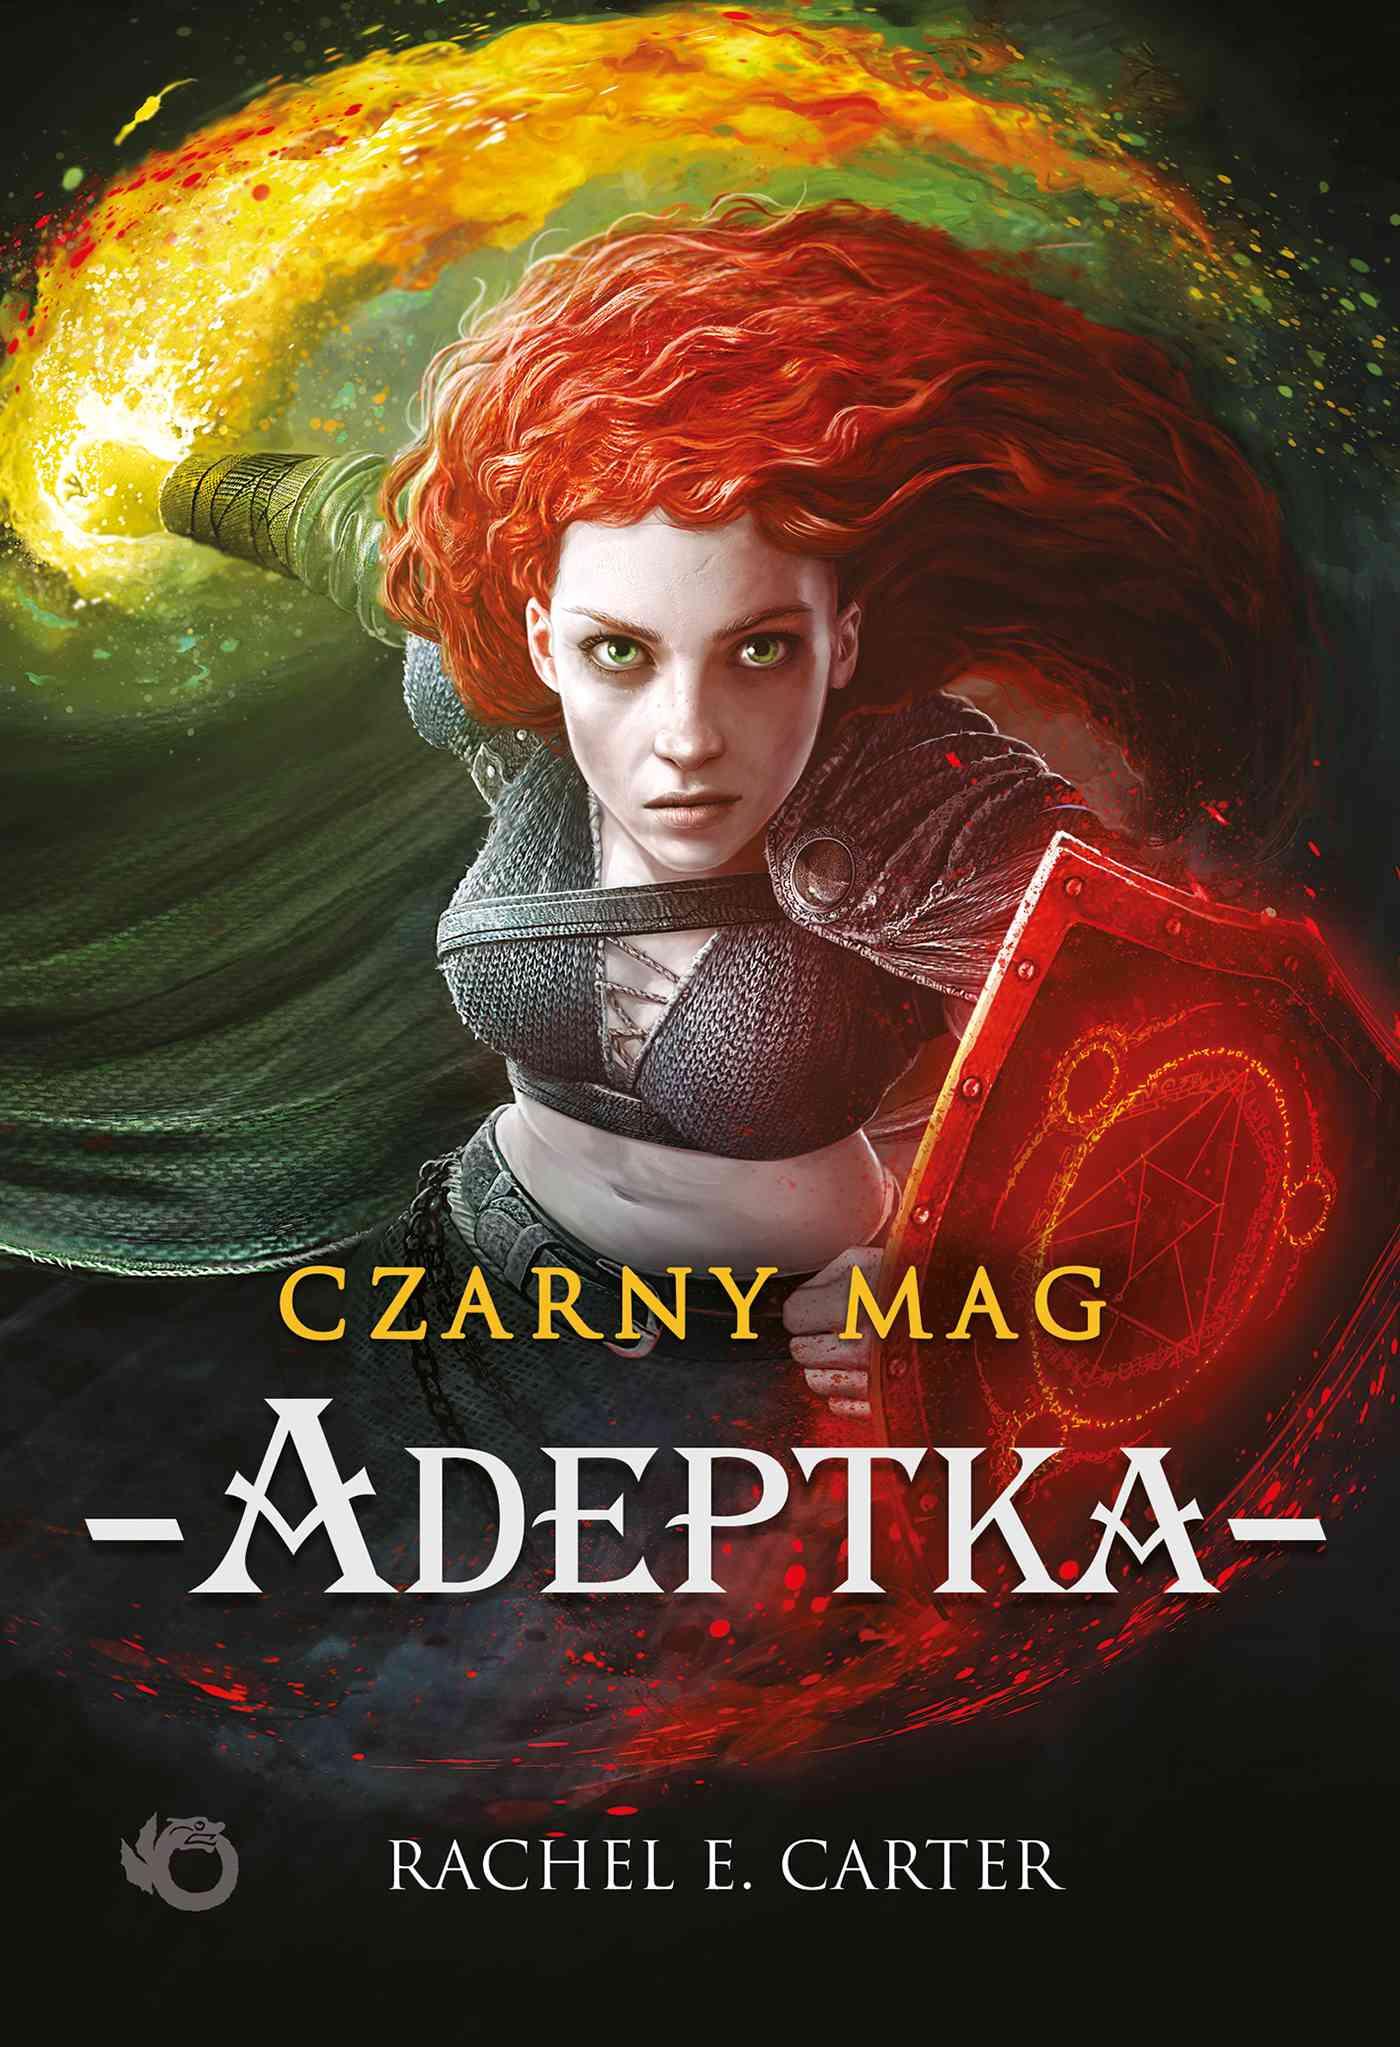 Czarny Mag. Adeptka. Tom 2 - Ebook (Książka na Kindle) do pobrania w formacie MOBI